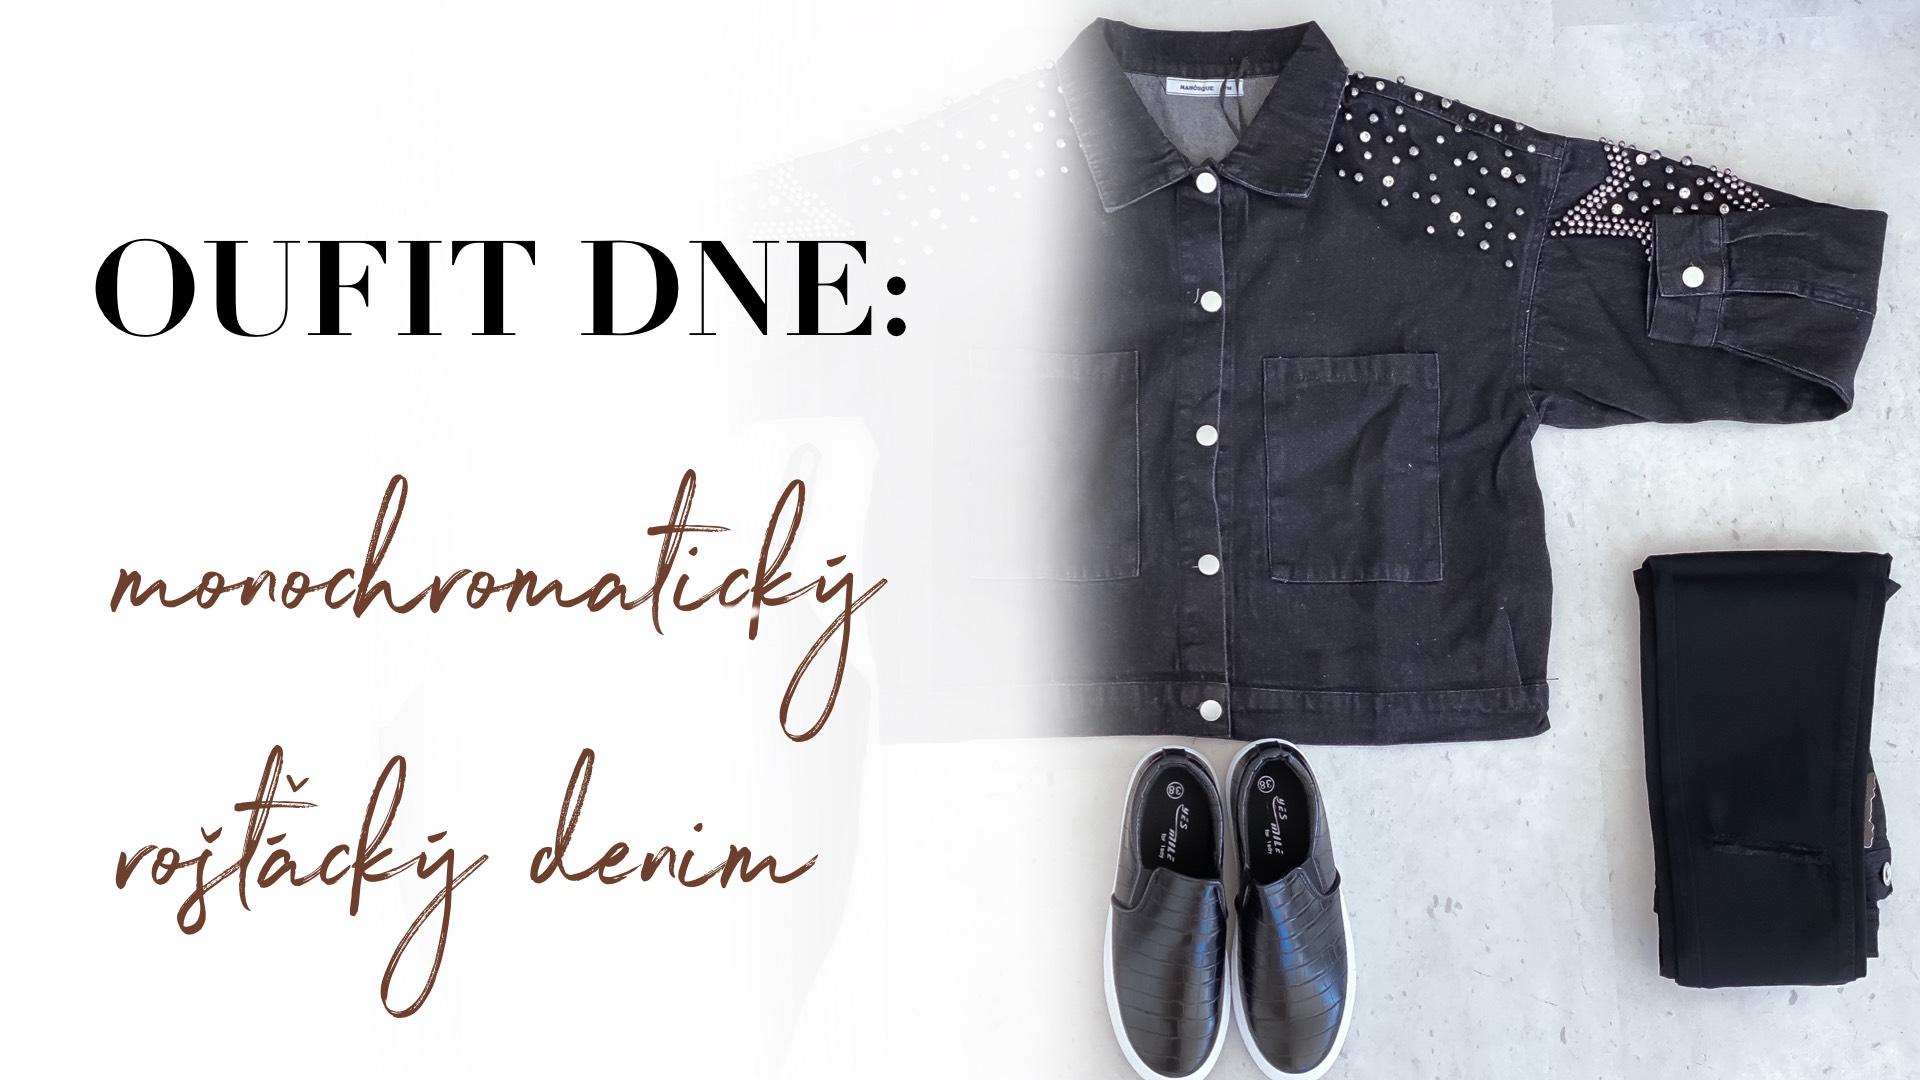 Outfit dne: monochromatický rošťácký denim